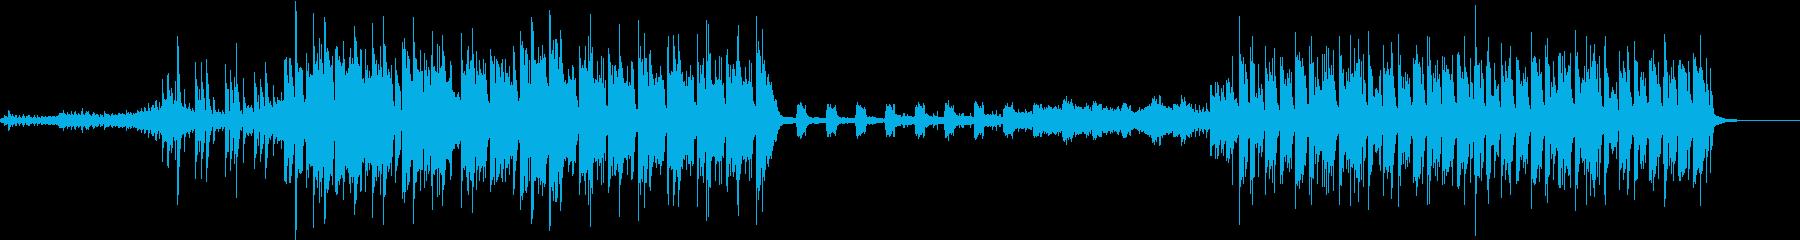 弦楽器と現代ビートが融合したインストの再生済みの波形